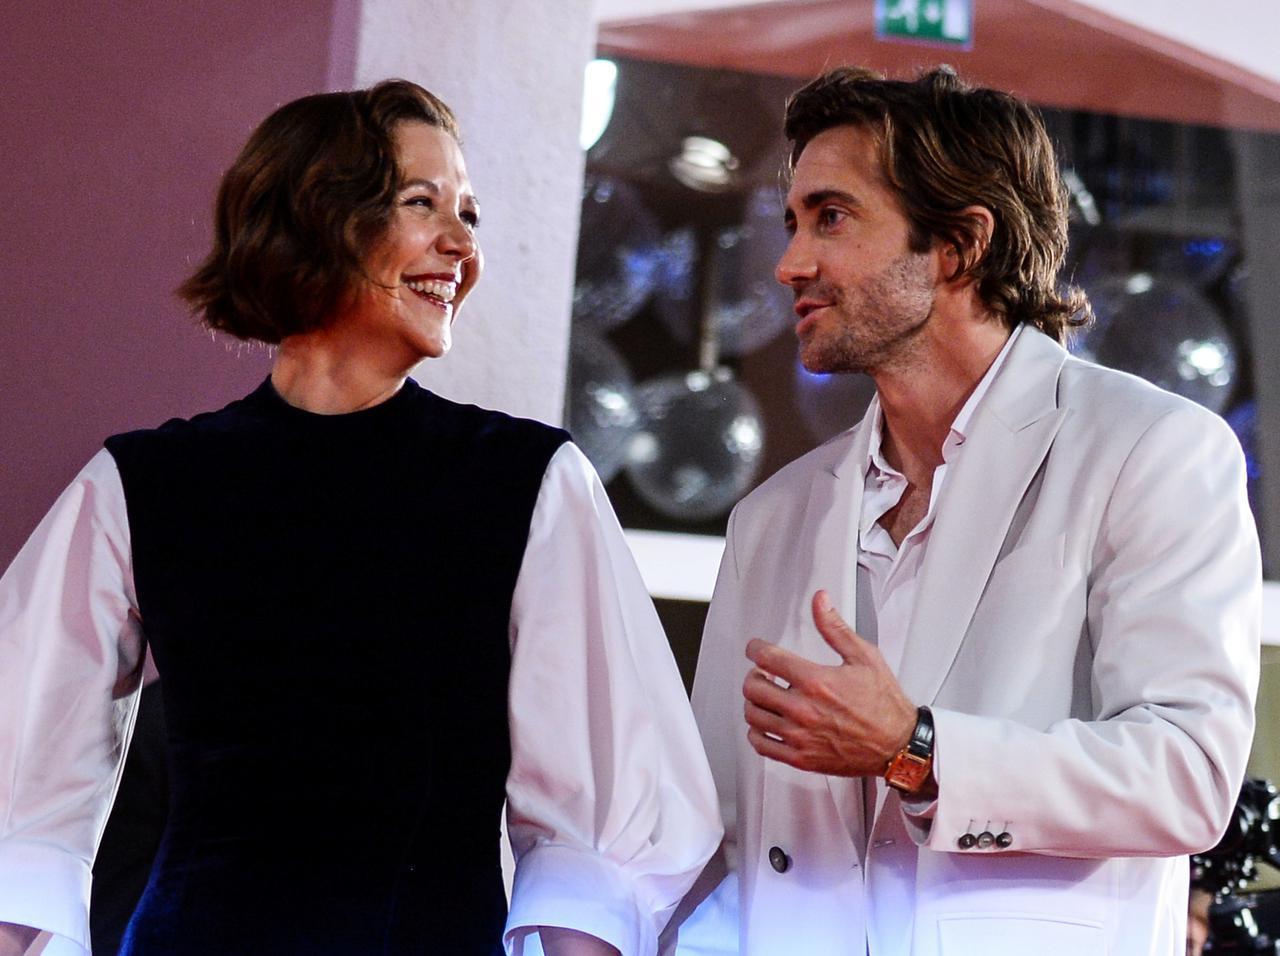 画像: マギー・ギレンホール×ジェイク・ギレンホールの姉弟がレア2ショット!ヴェネチア映画祭で - フロントロウ -海外セレブ&海外カルチャー情報を発信